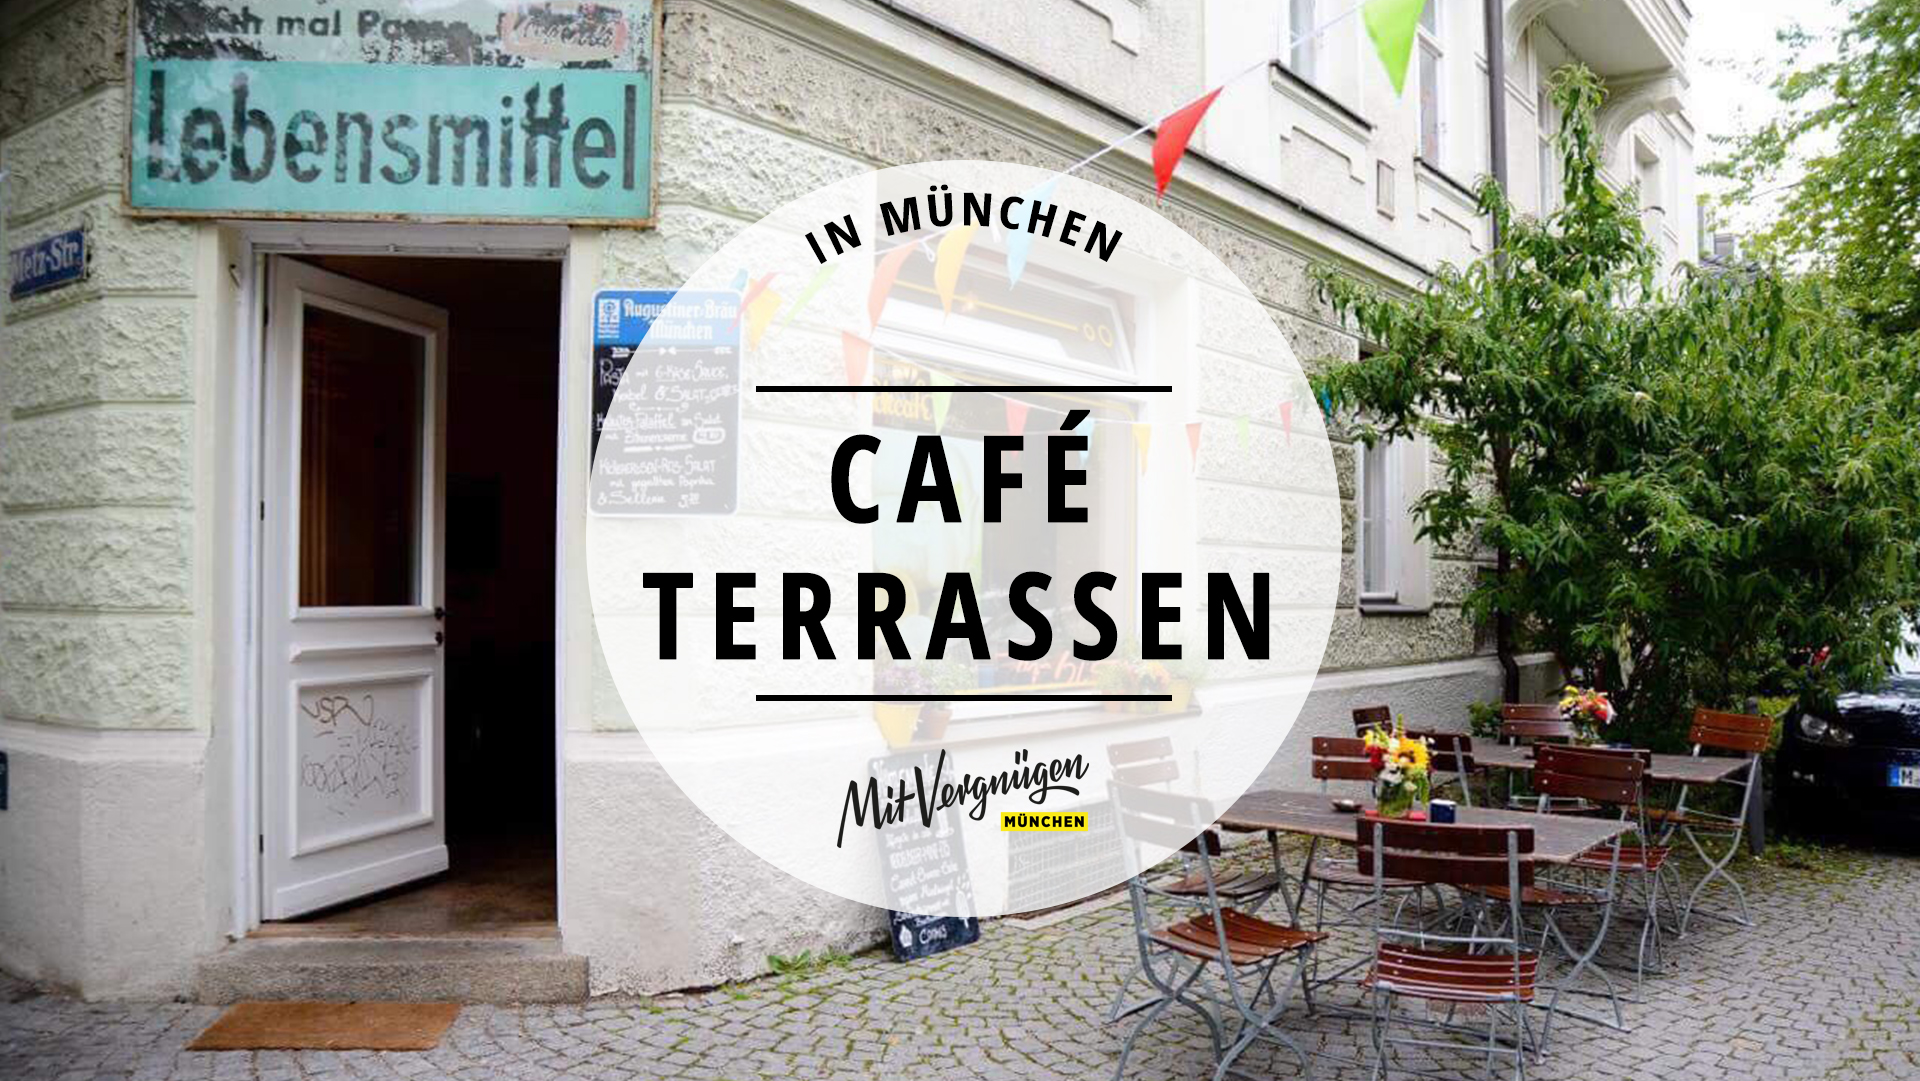 11 Richtig Schone Cafeterrassen In Munchen Fur Den Sommer